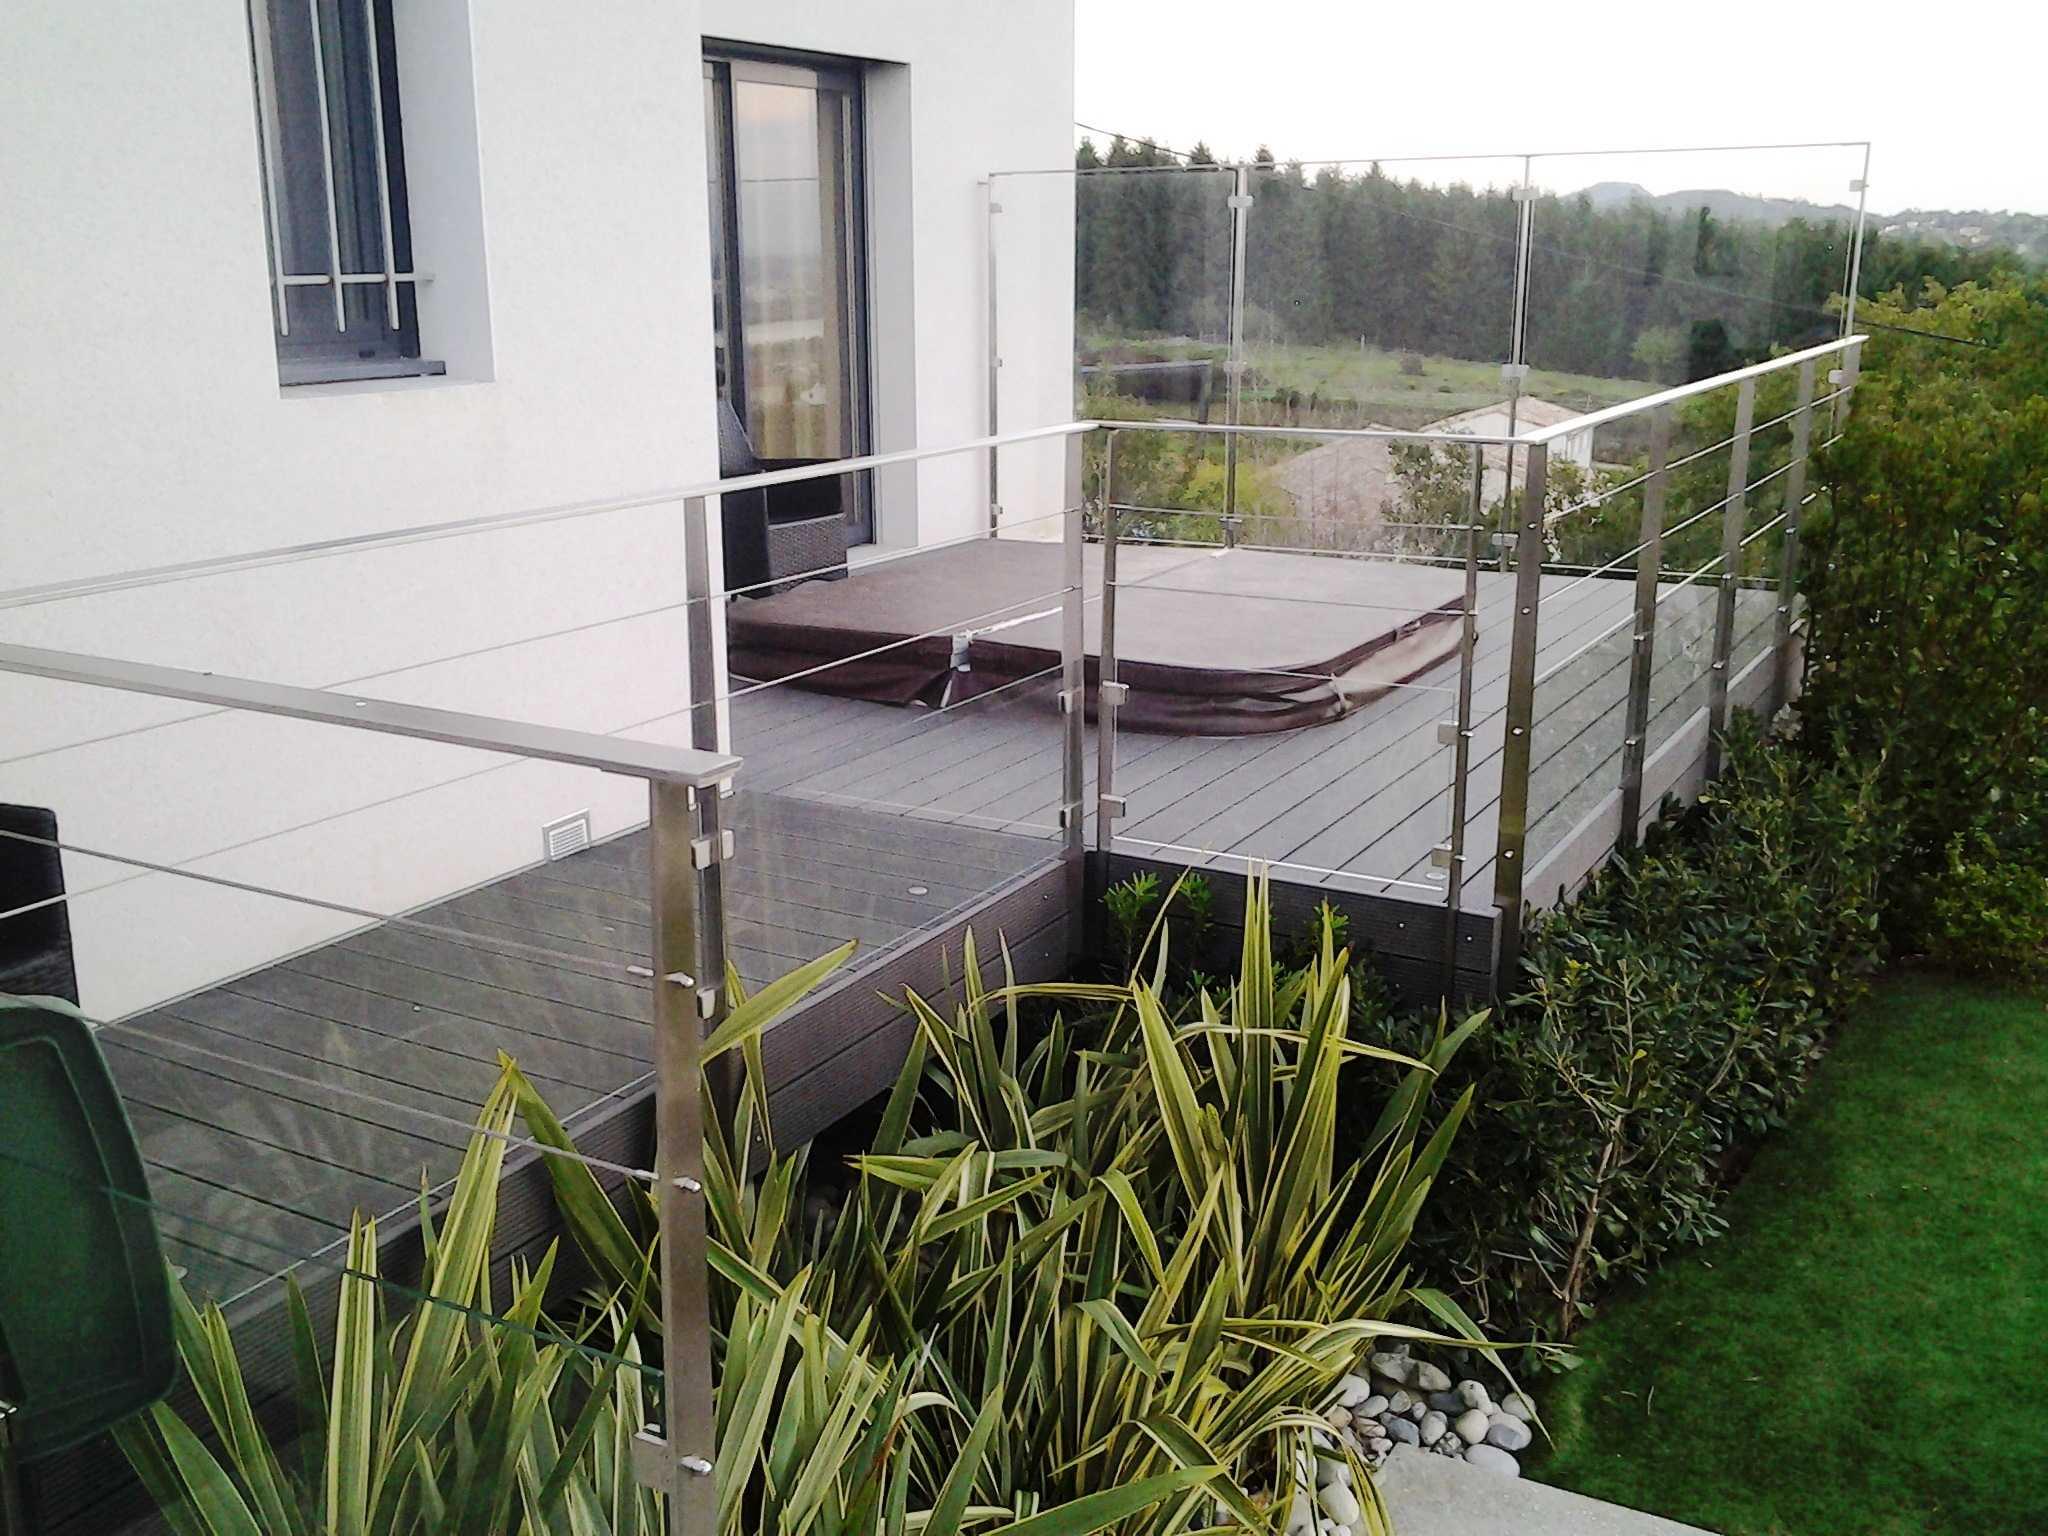 habillage terrasse affordable carrelage sol extrieur terrasse with habillage terrasse gallery. Black Bedroom Furniture Sets. Home Design Ideas